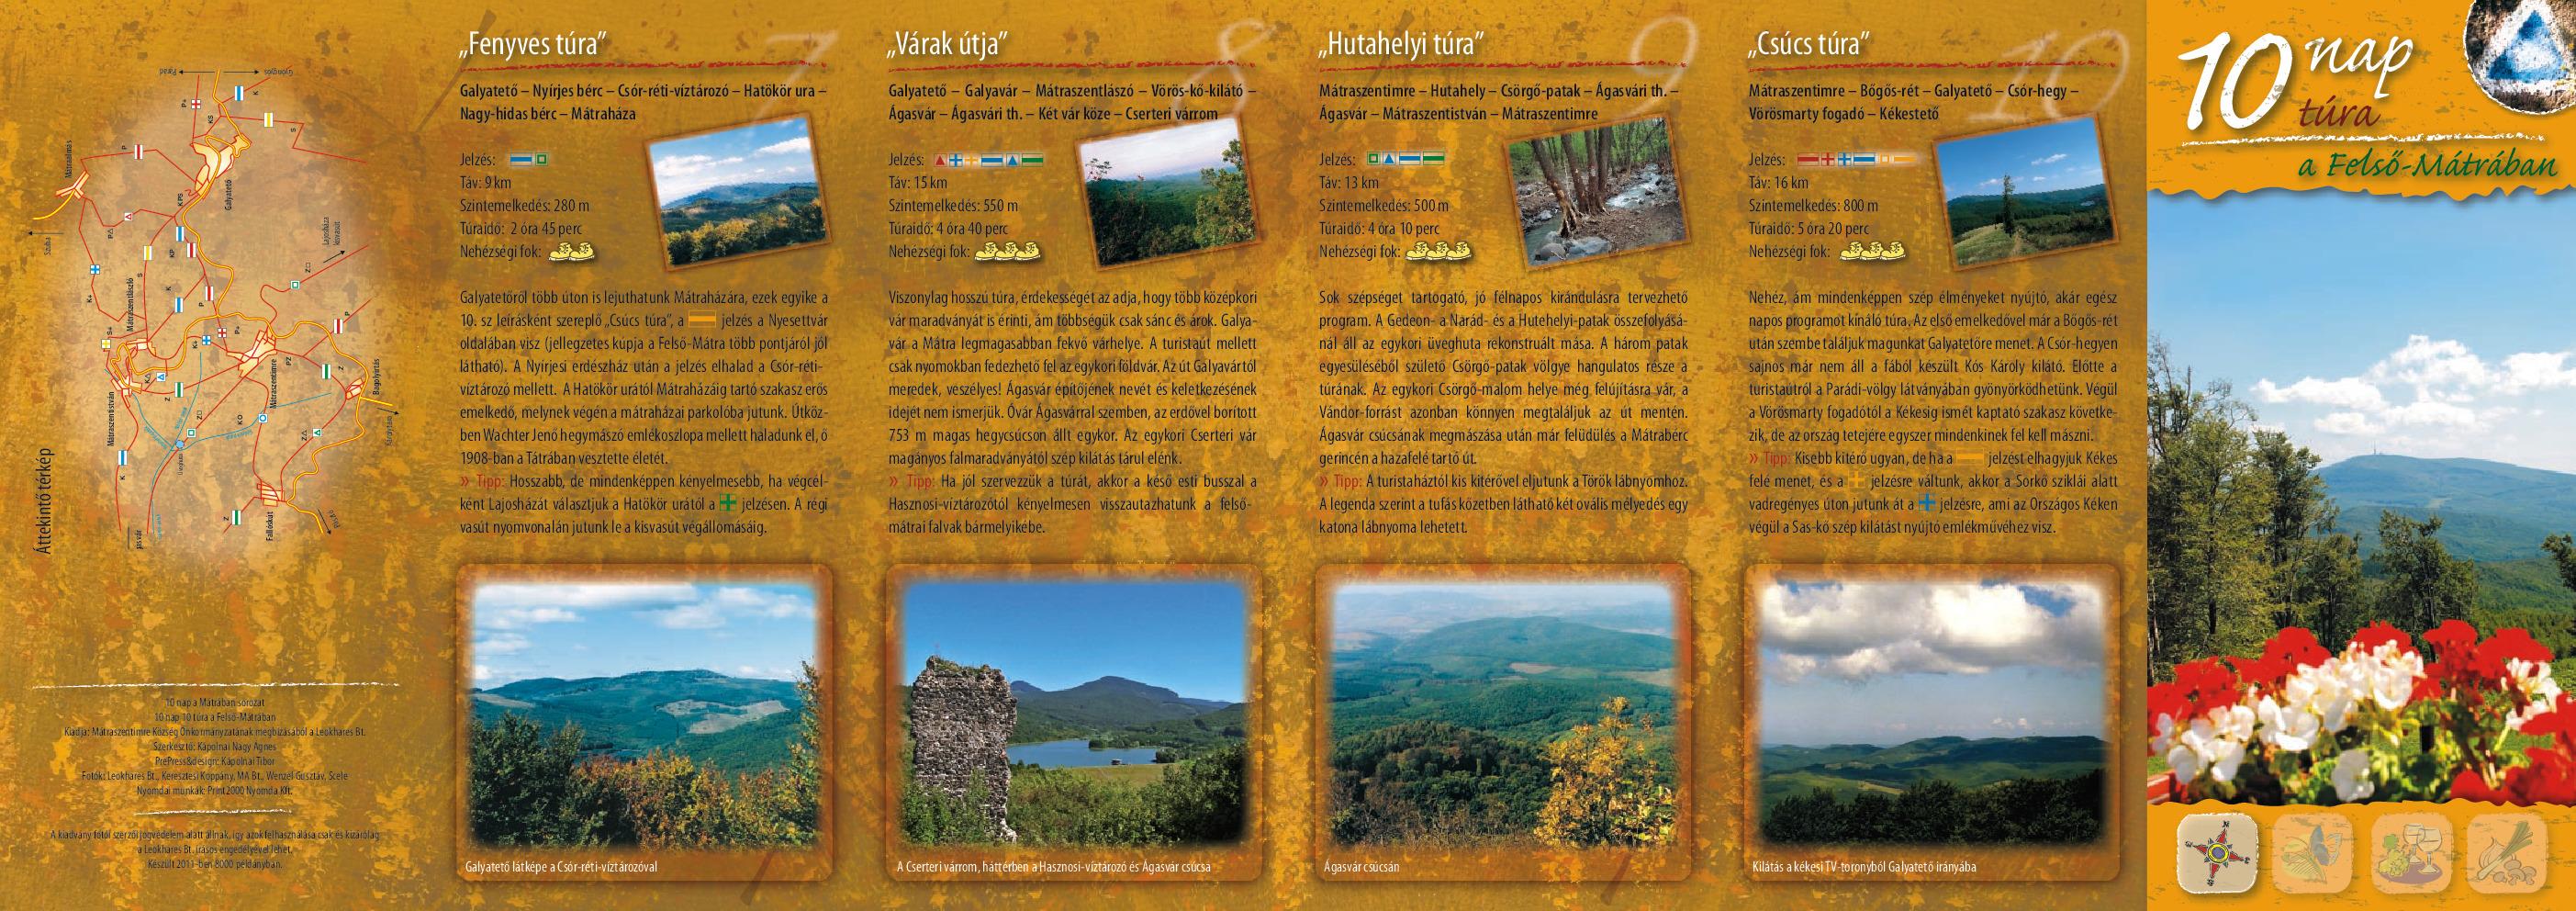 10 nap 10 túra a Felső-Mátrában